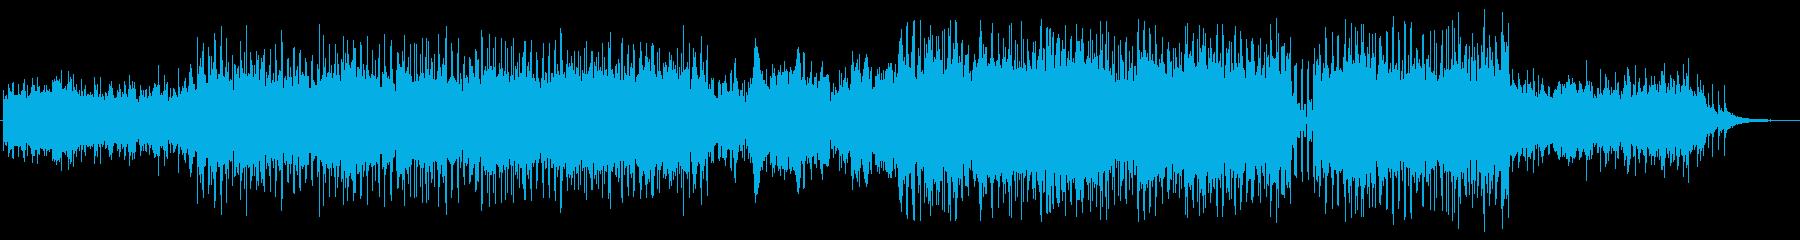 ゆったりとアコギのハーモニクスが美しいの再生済みの波形